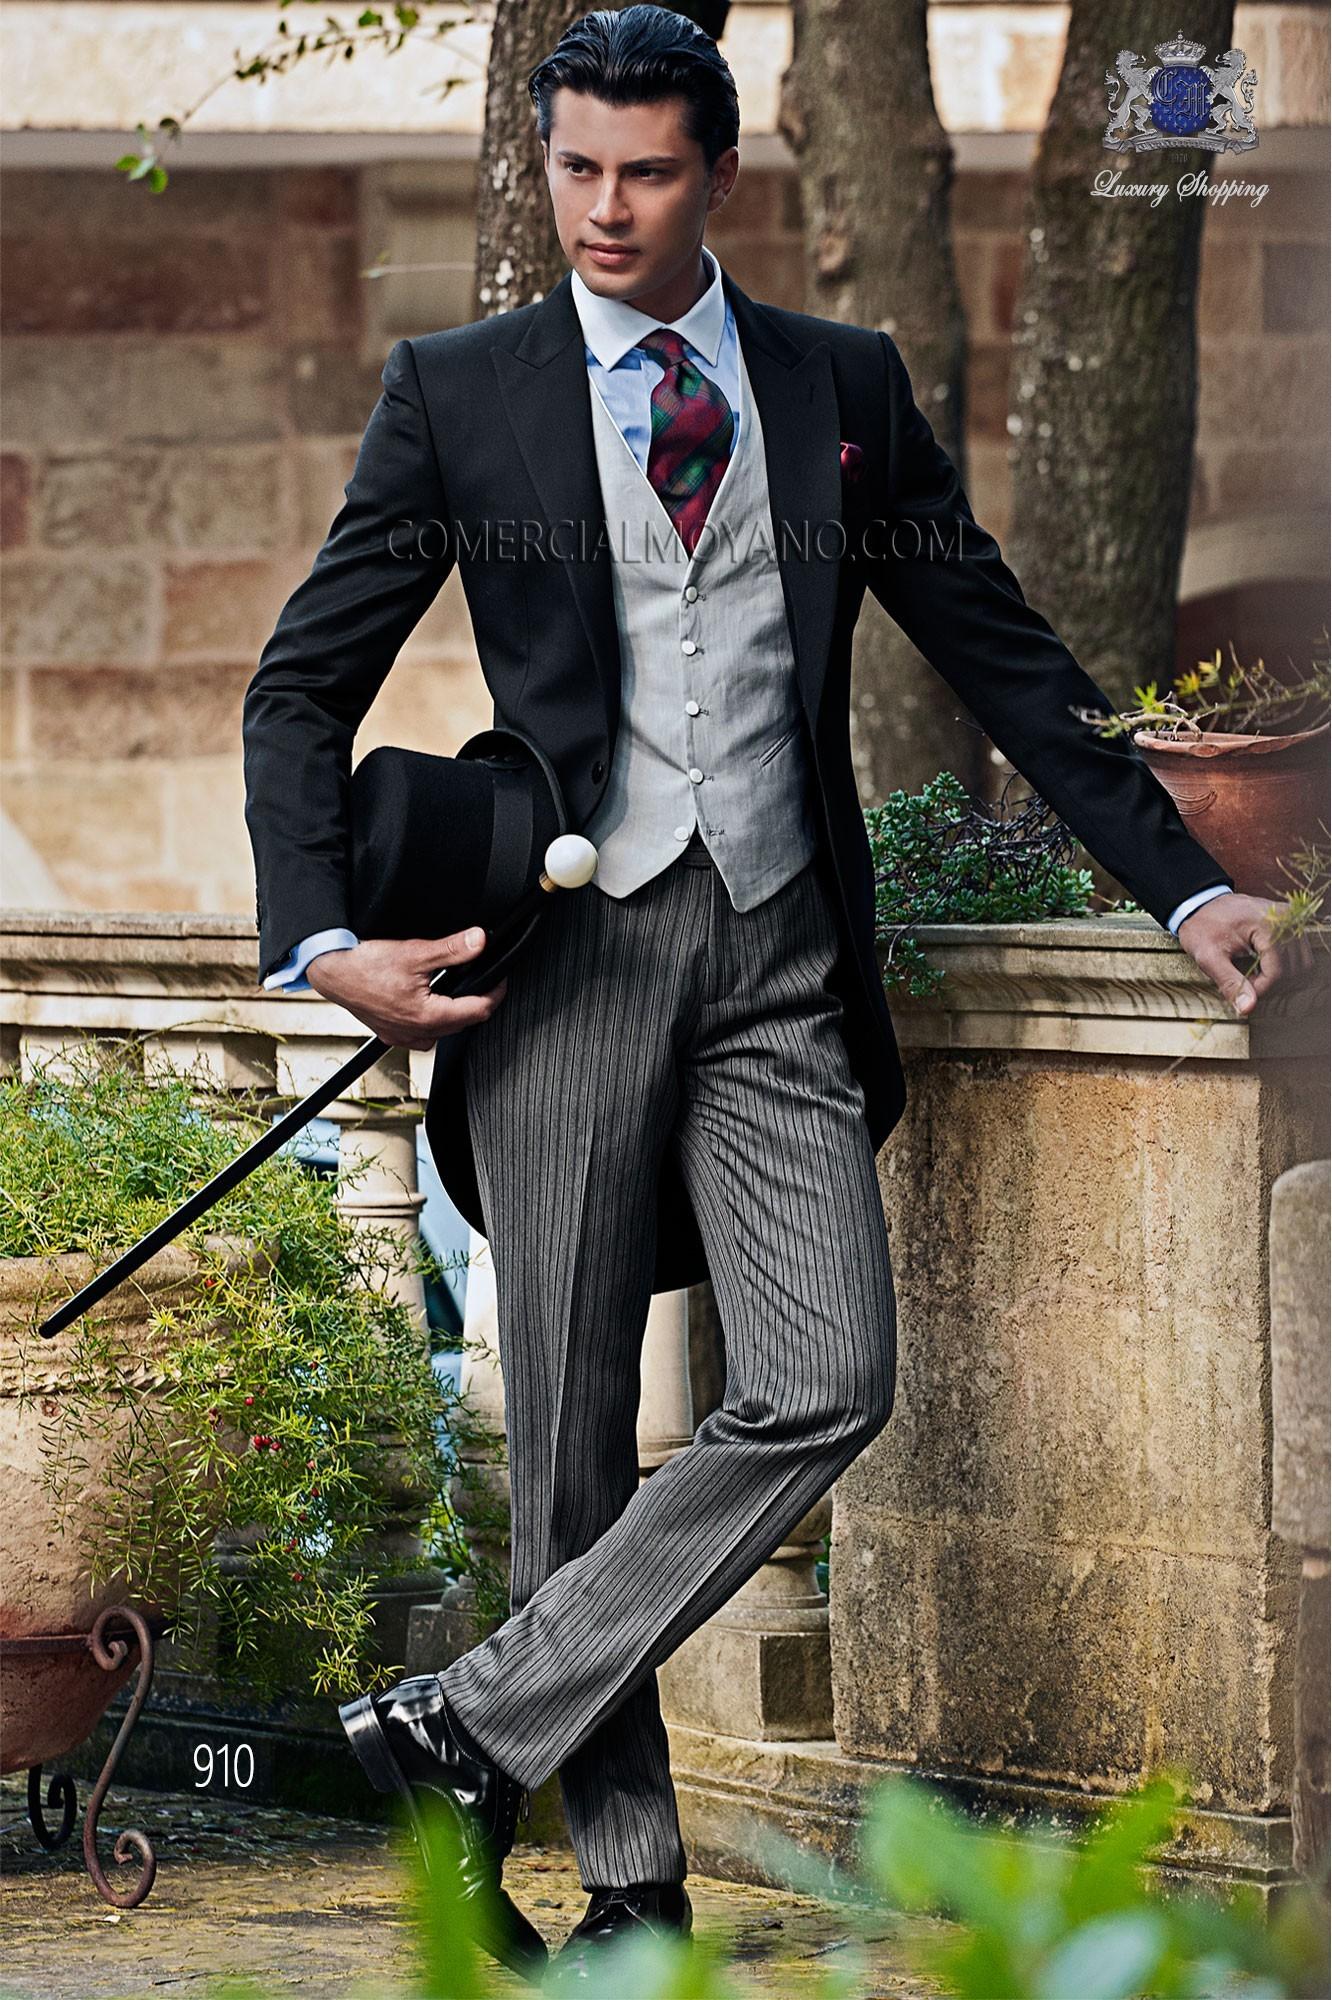 Traje de novio italiano negro modelo: 910 Ottavio Nuccio Gala colección Gentleman